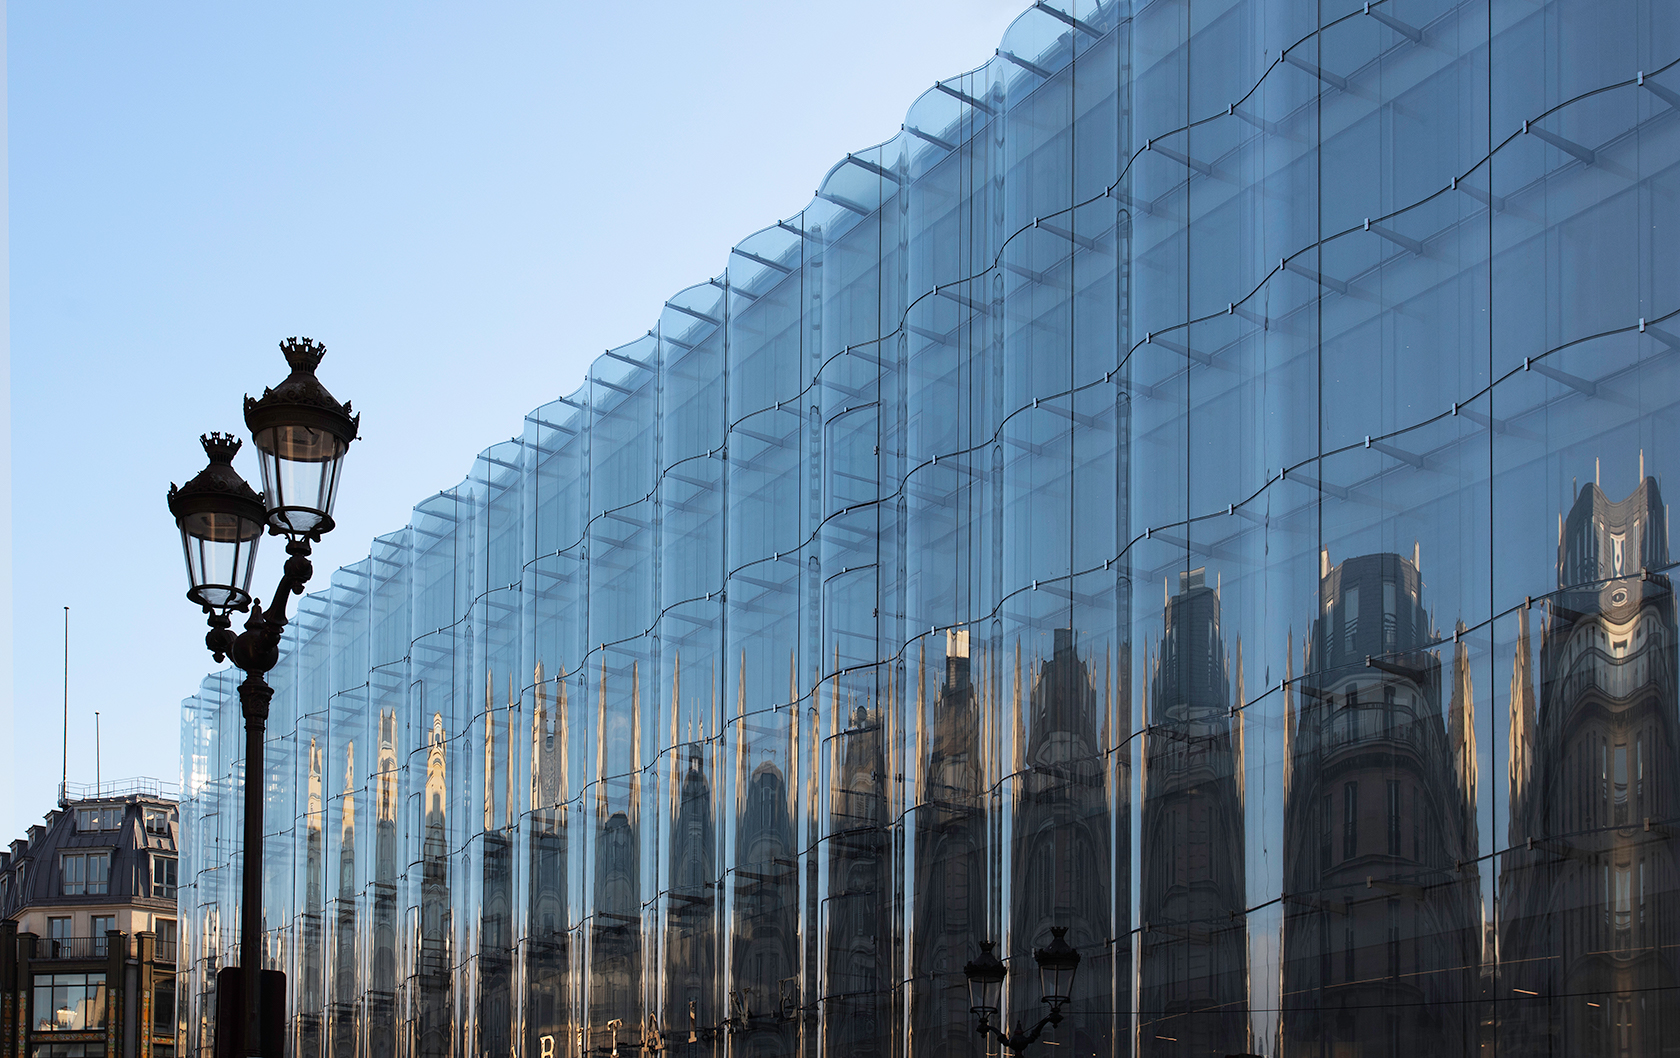 La Samaritaine: The Classic Paris Department Store Returns in Style